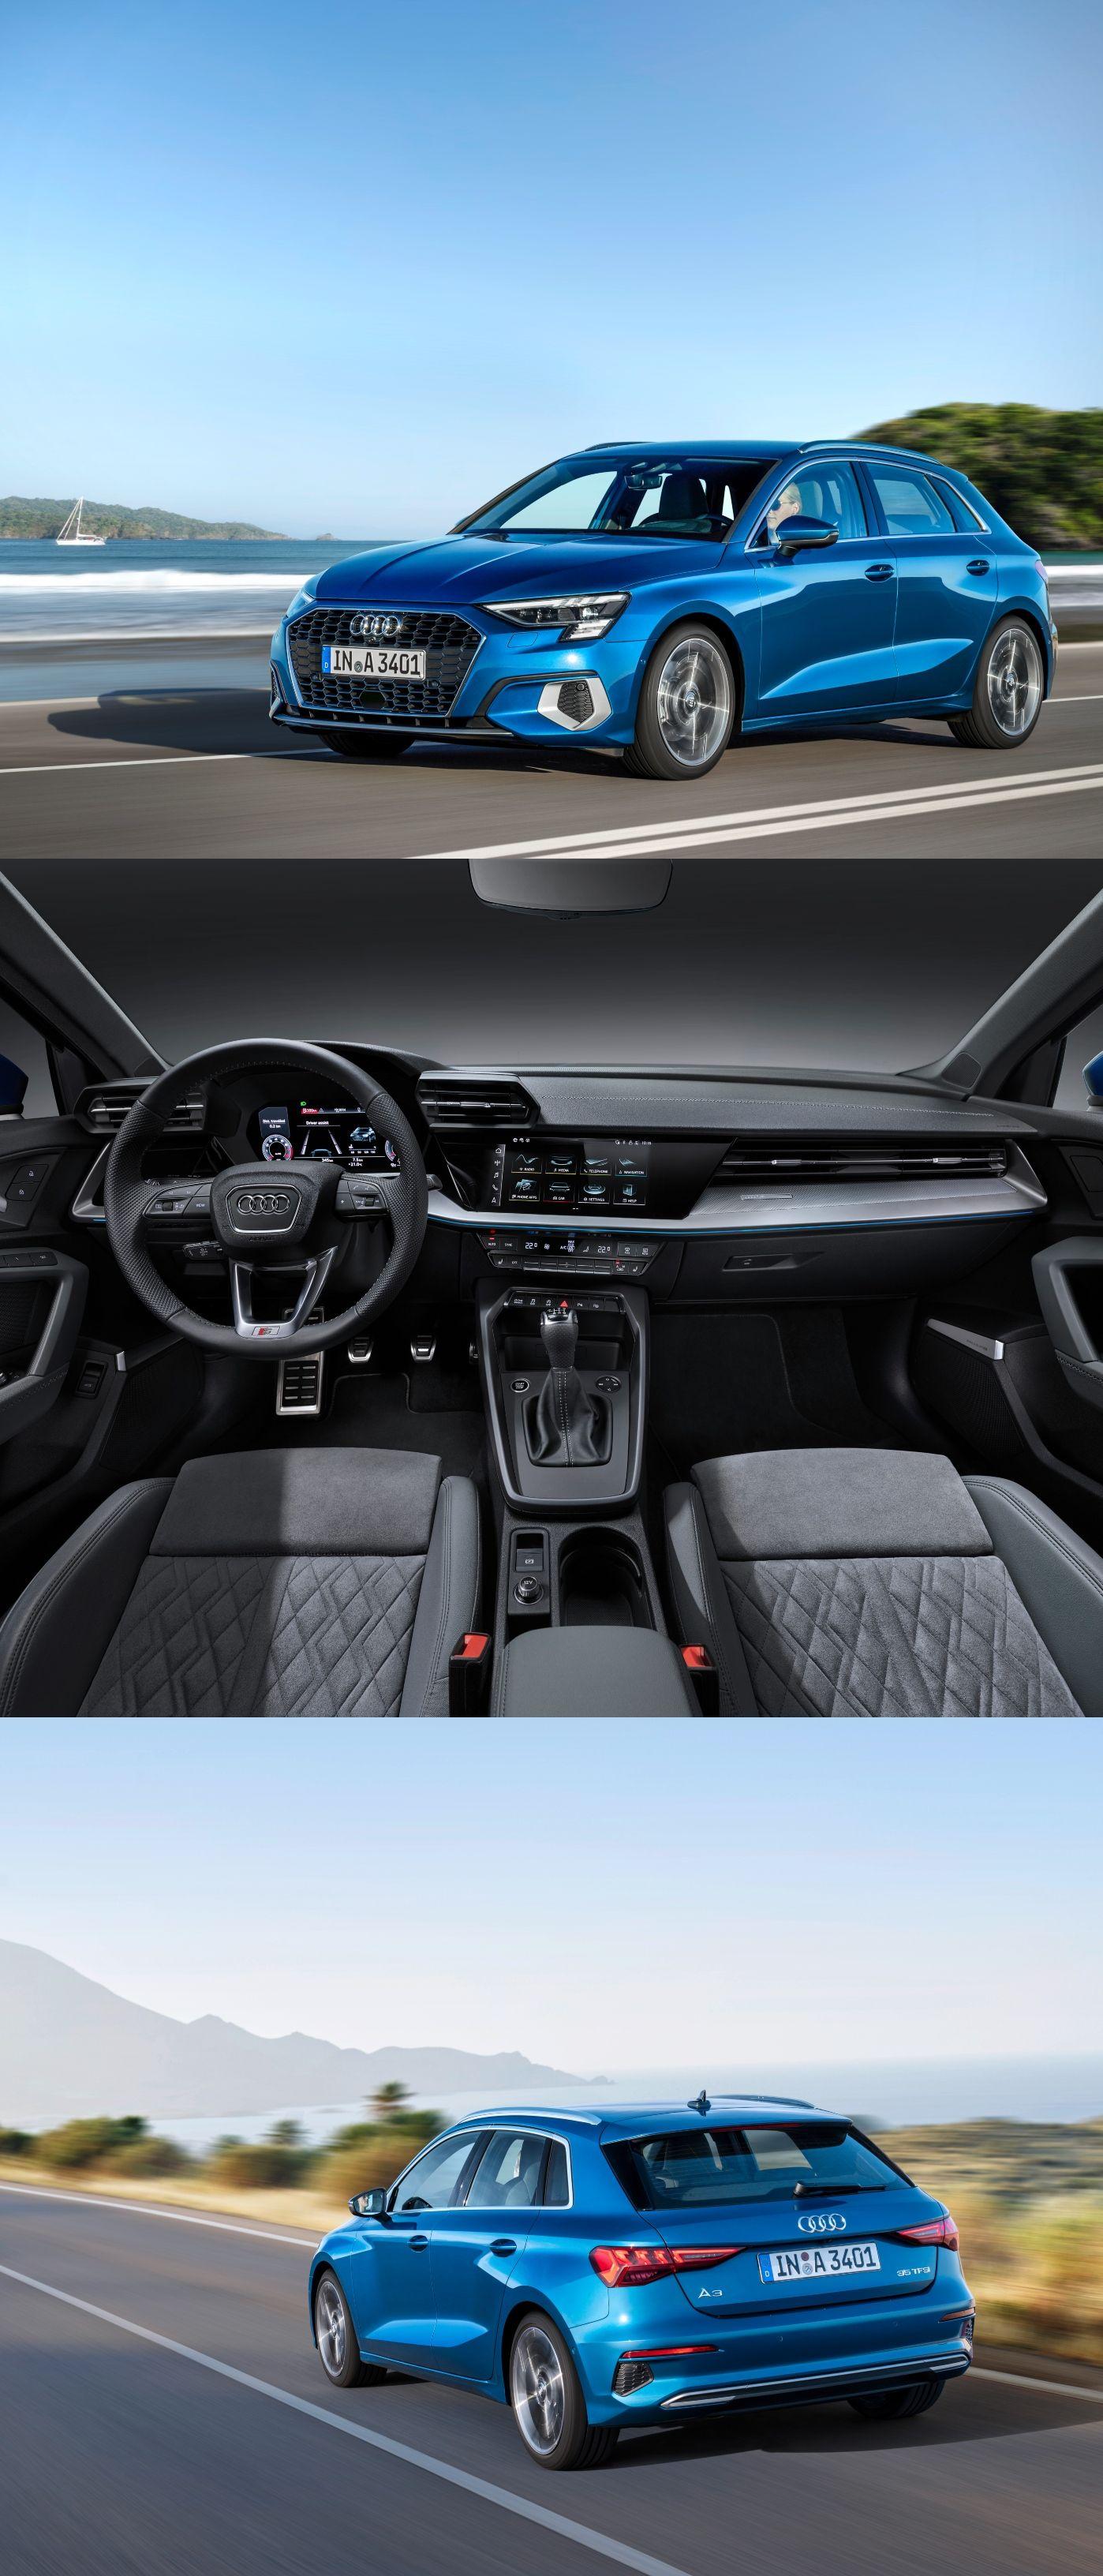 Kelebihan Kekurangan Audi A3 1996 Spesifikasi